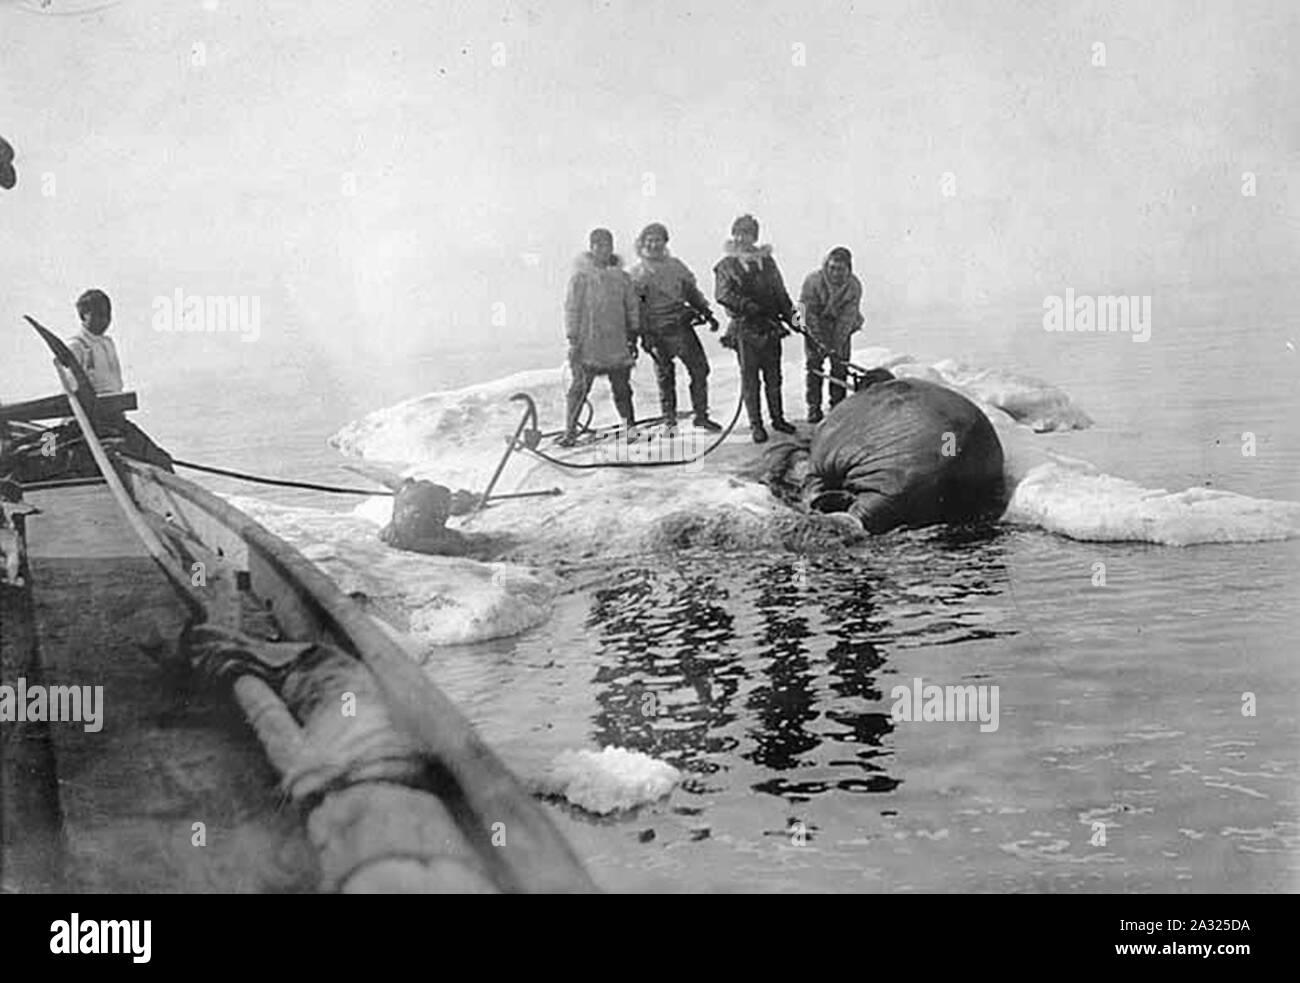 El hombre esquimal Preparación para remolcar la morsa animal con barco ubicación desconocida ca 1899 Foto de stock